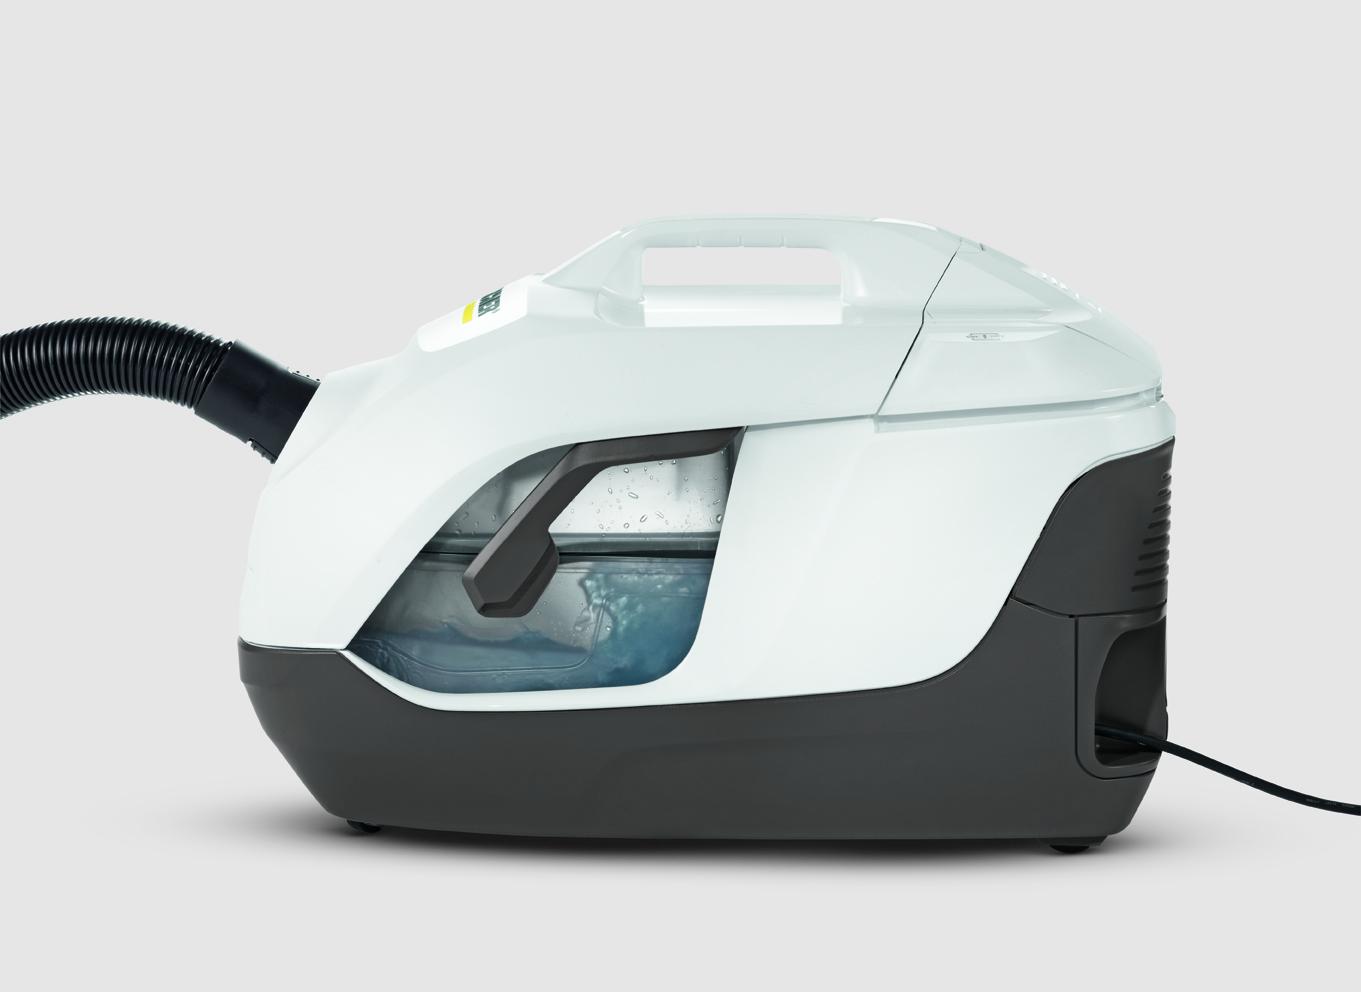 kaercher ds 6000 profil k rcher staubsauger mit wasserfilter saubere b den frische luft. Black Bedroom Furniture Sets. Home Design Ideas